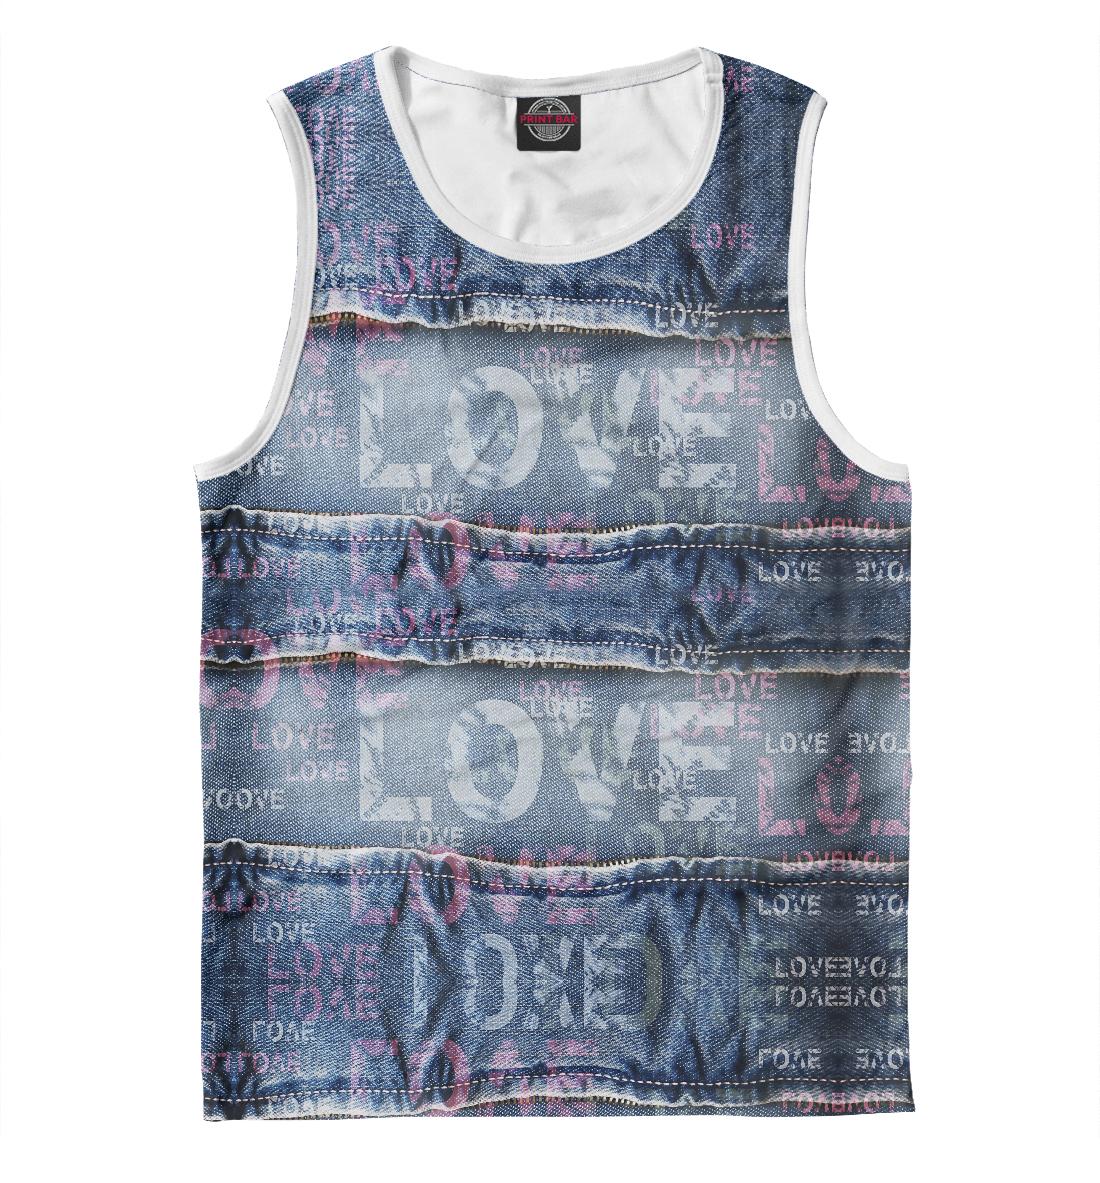 Купить Джинсовая одежда, Printbar, Майки, APD-160015-may-2